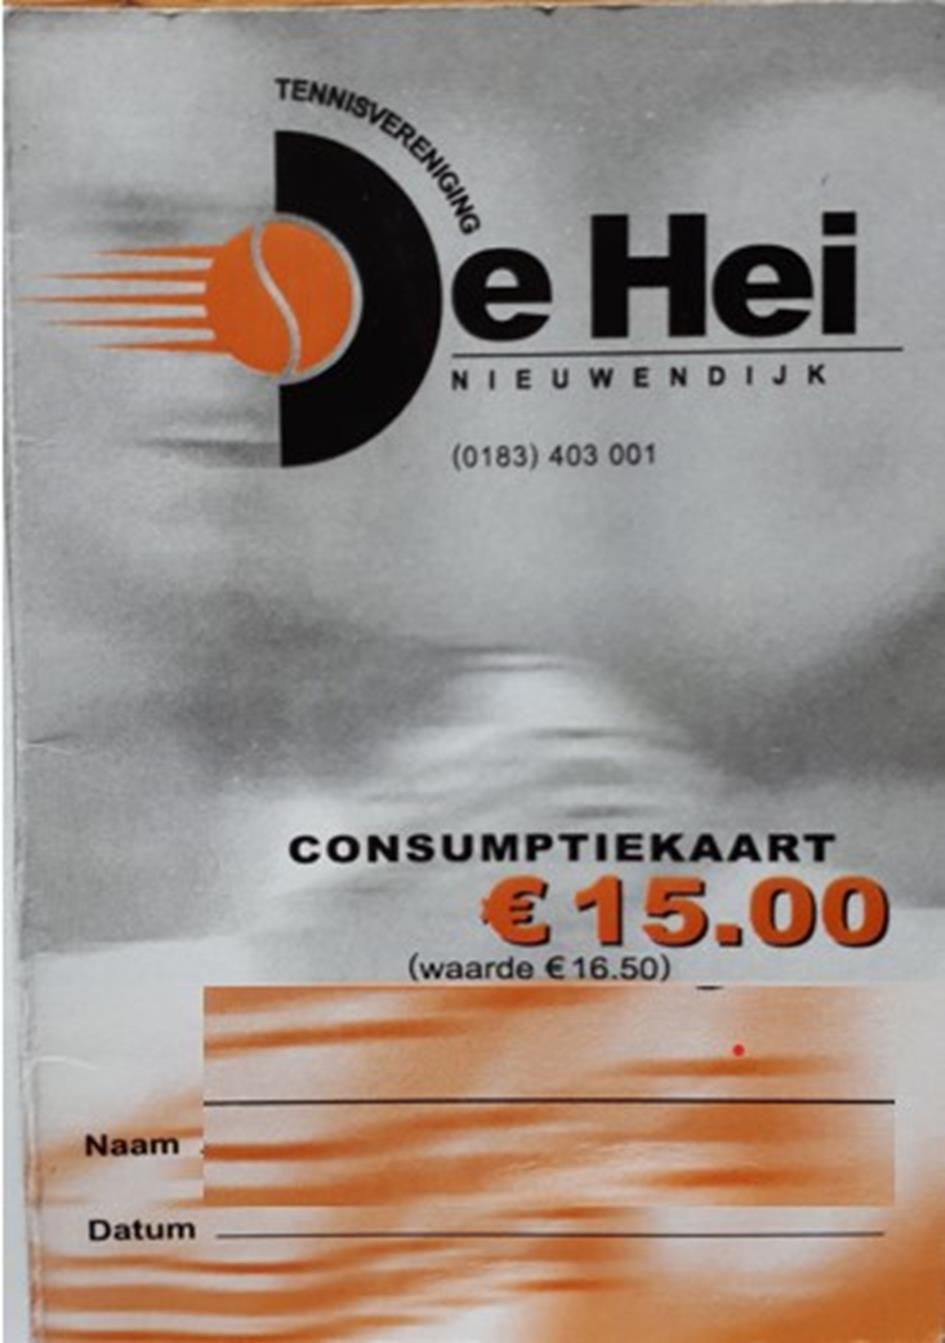 Consumptiekaart.jpg